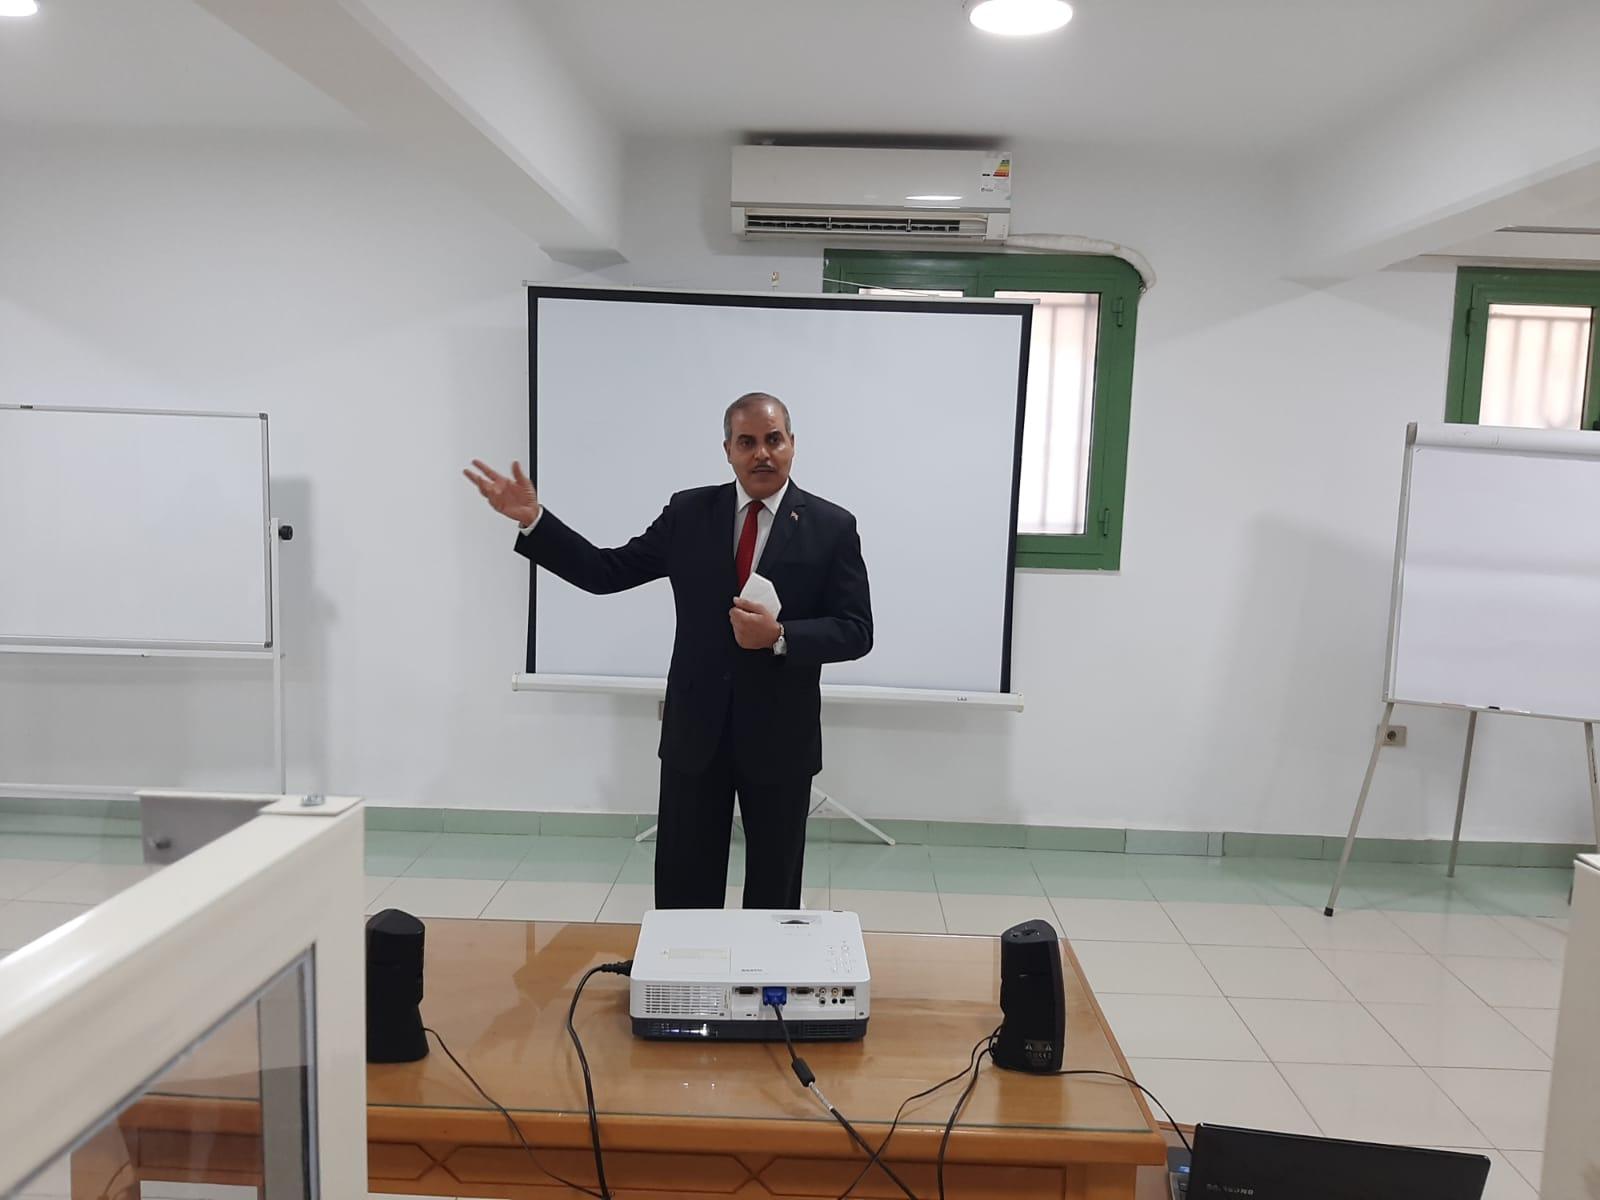 رئيس جامعة الأزهر يتفقد المجموعة التدريبية الثامنة بمركز التدريب والتطوير